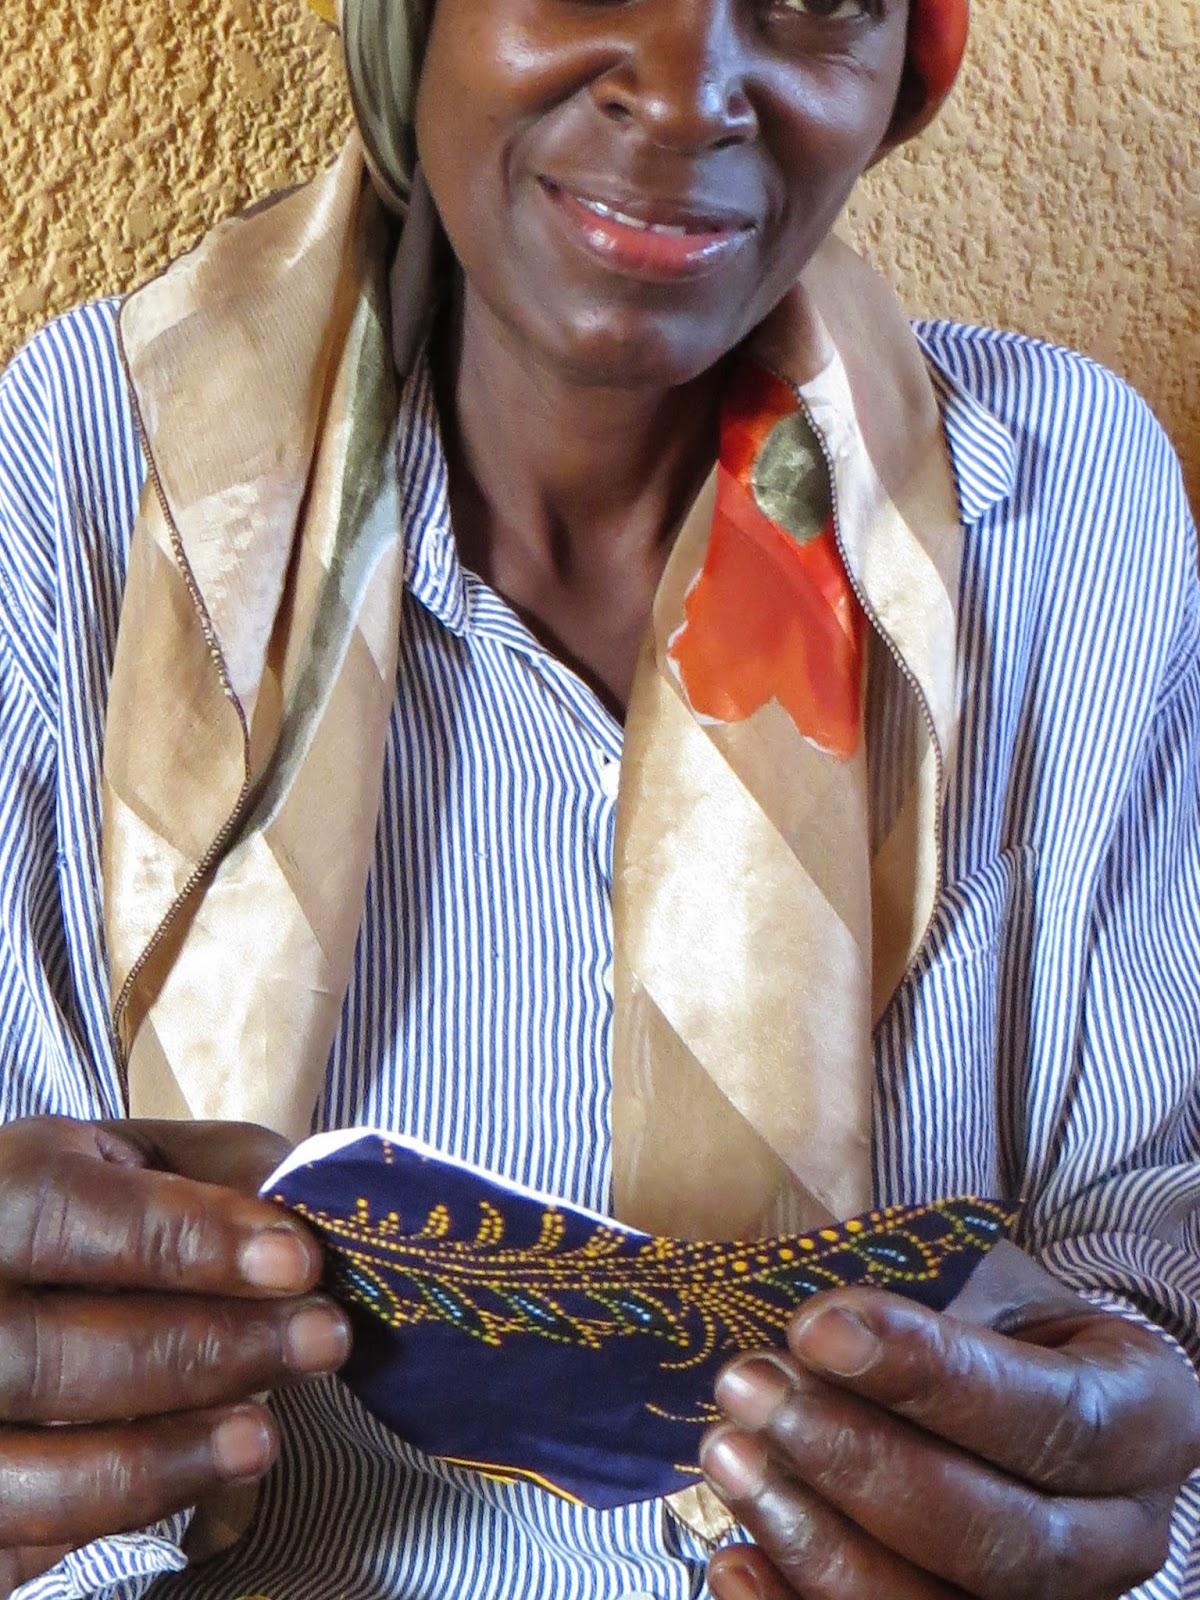 les prostituées de kigali